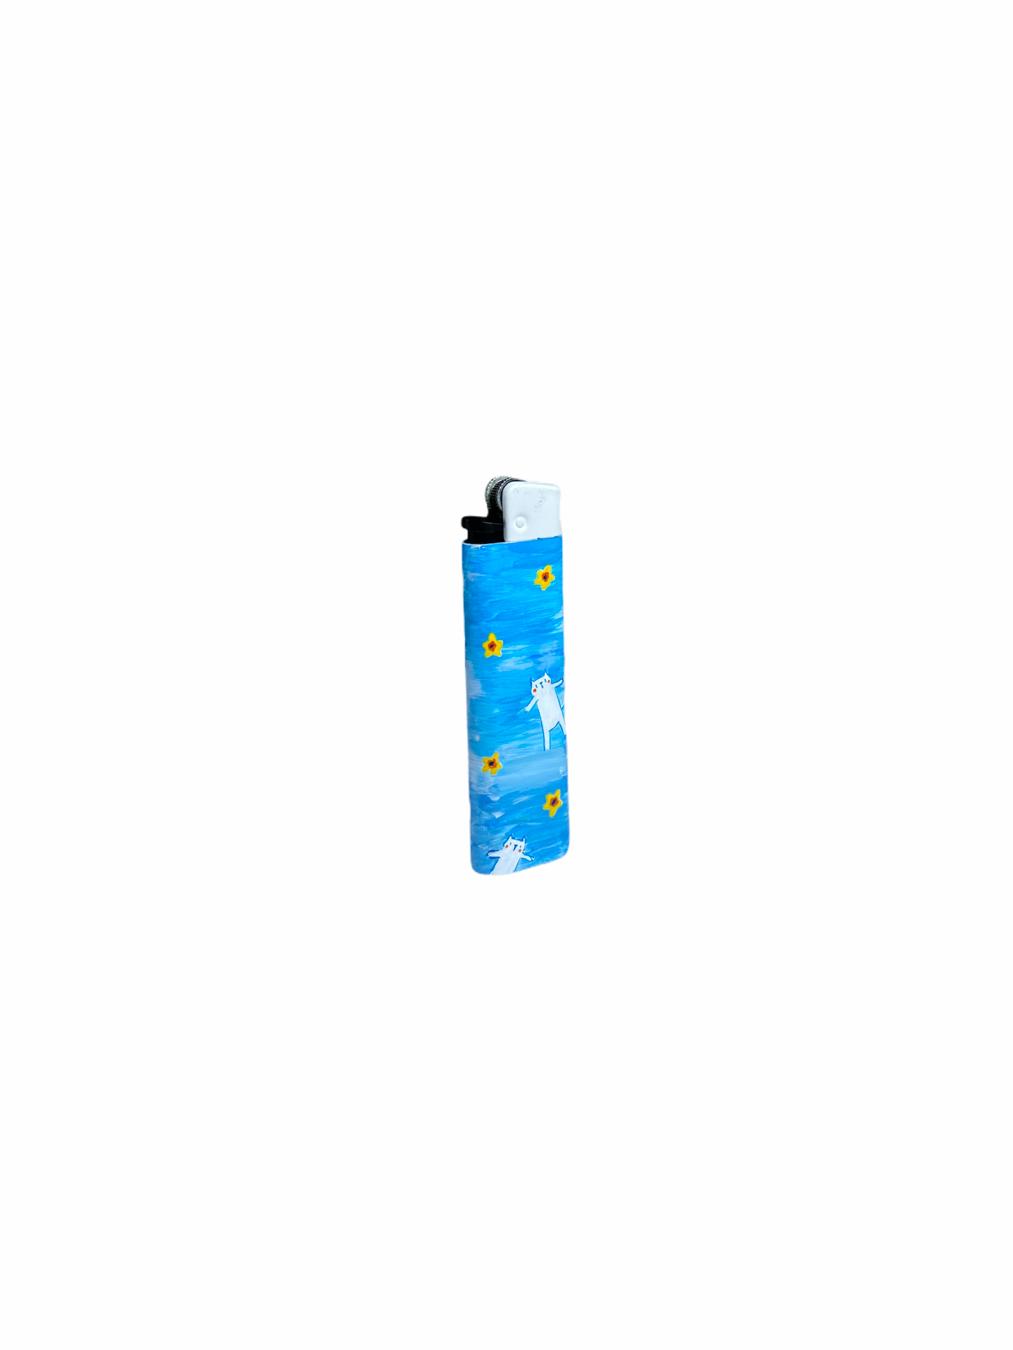 Sneakarette Painted Lighter (Blue)